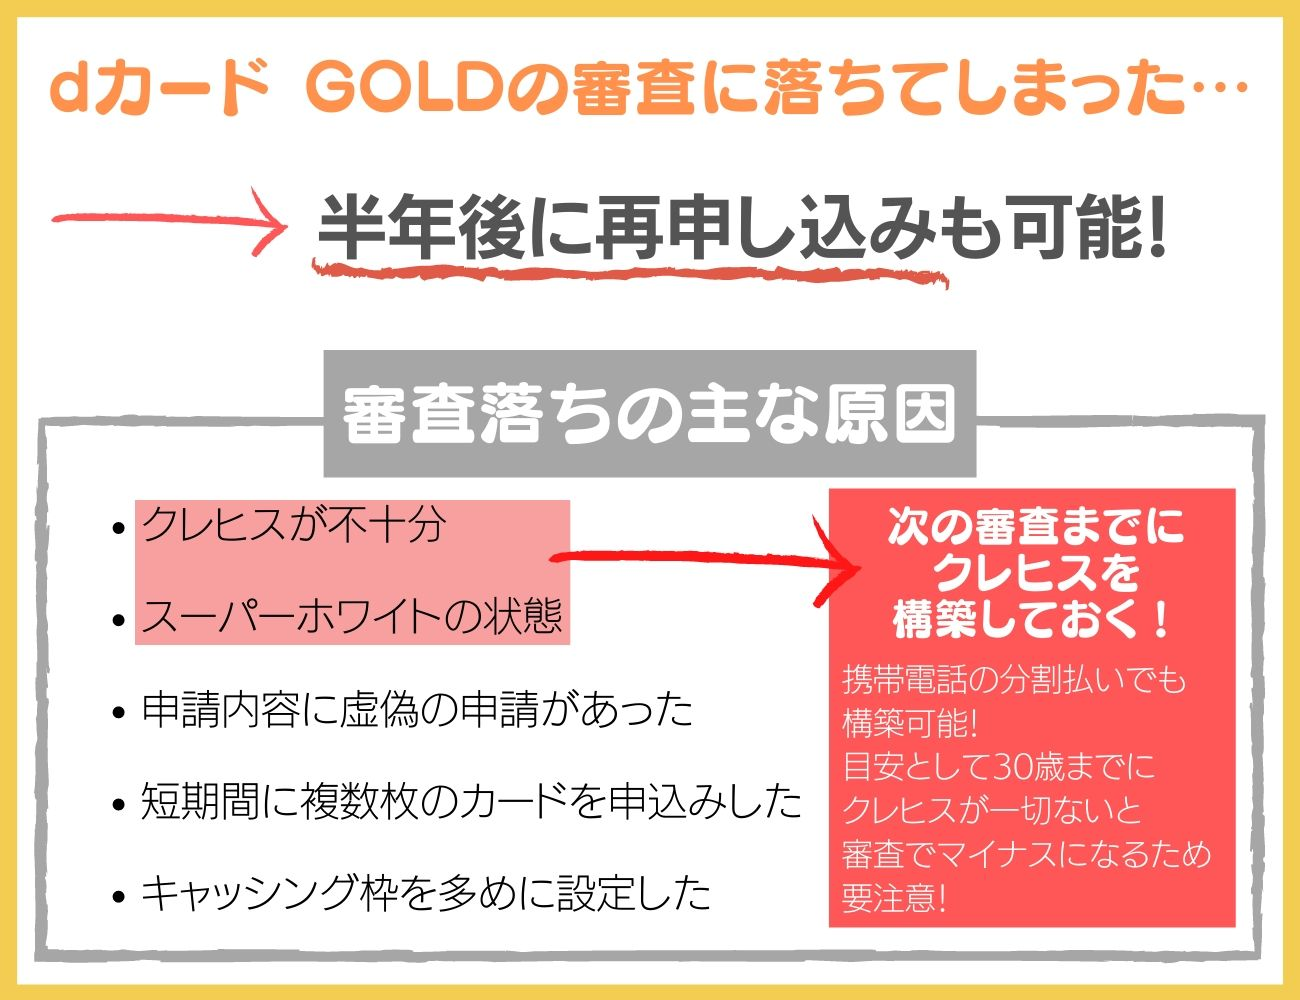 dカード GOLDの審査が否決の場合は半年後に再申し込みも可能!